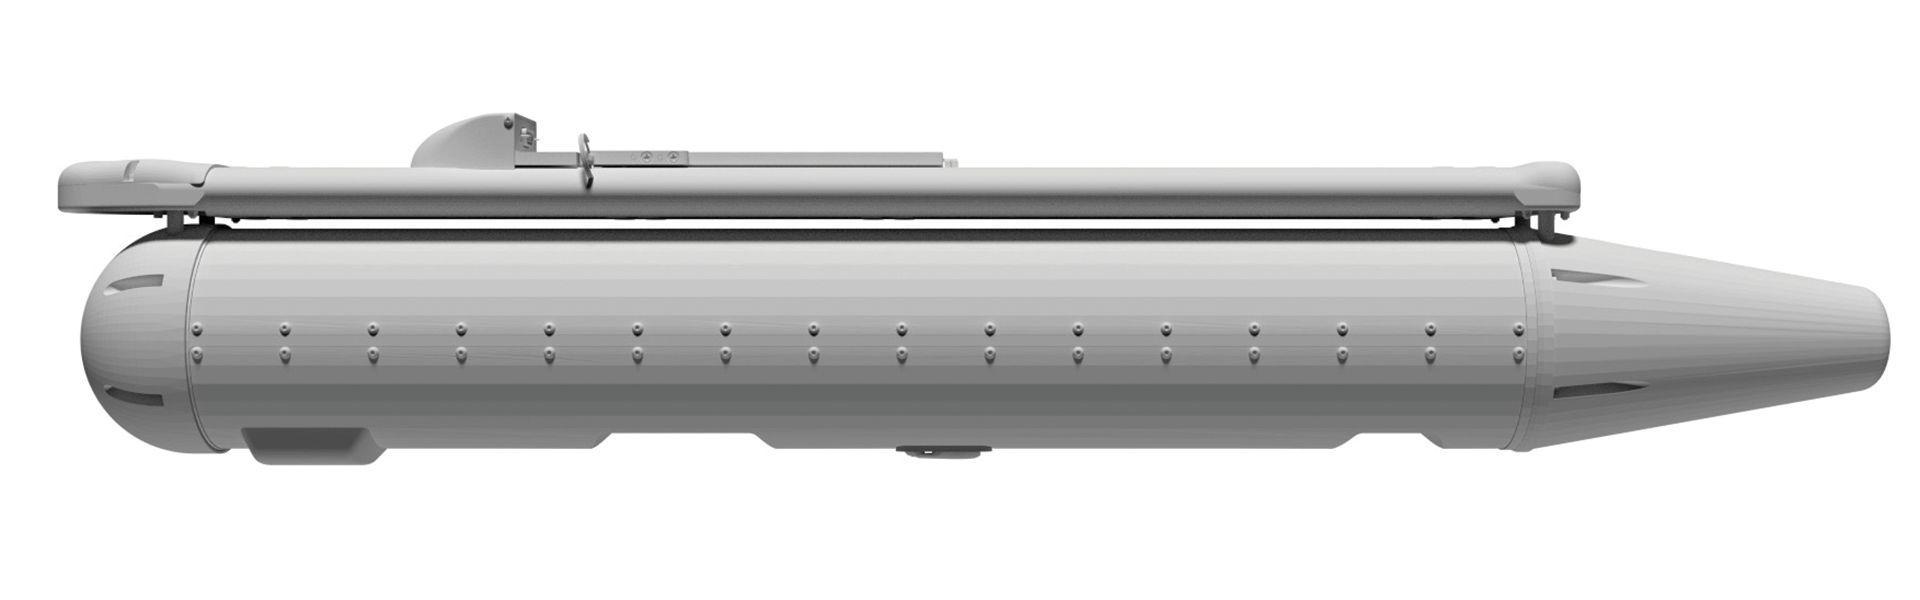 nsp-5-eoir